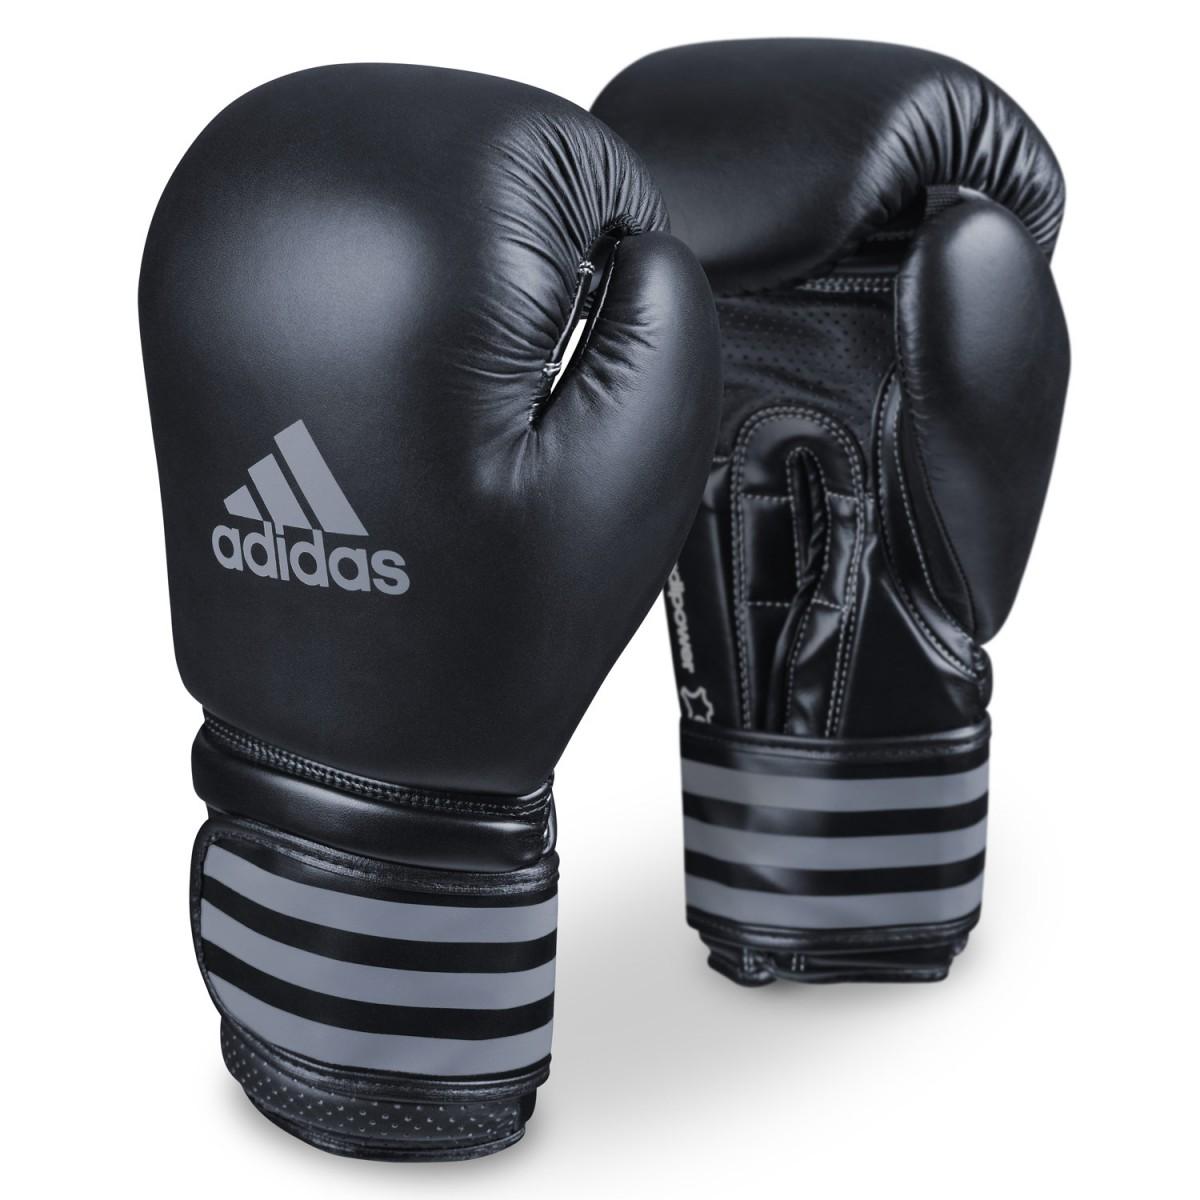 Adidas  Super Pro Bokshandschoenen